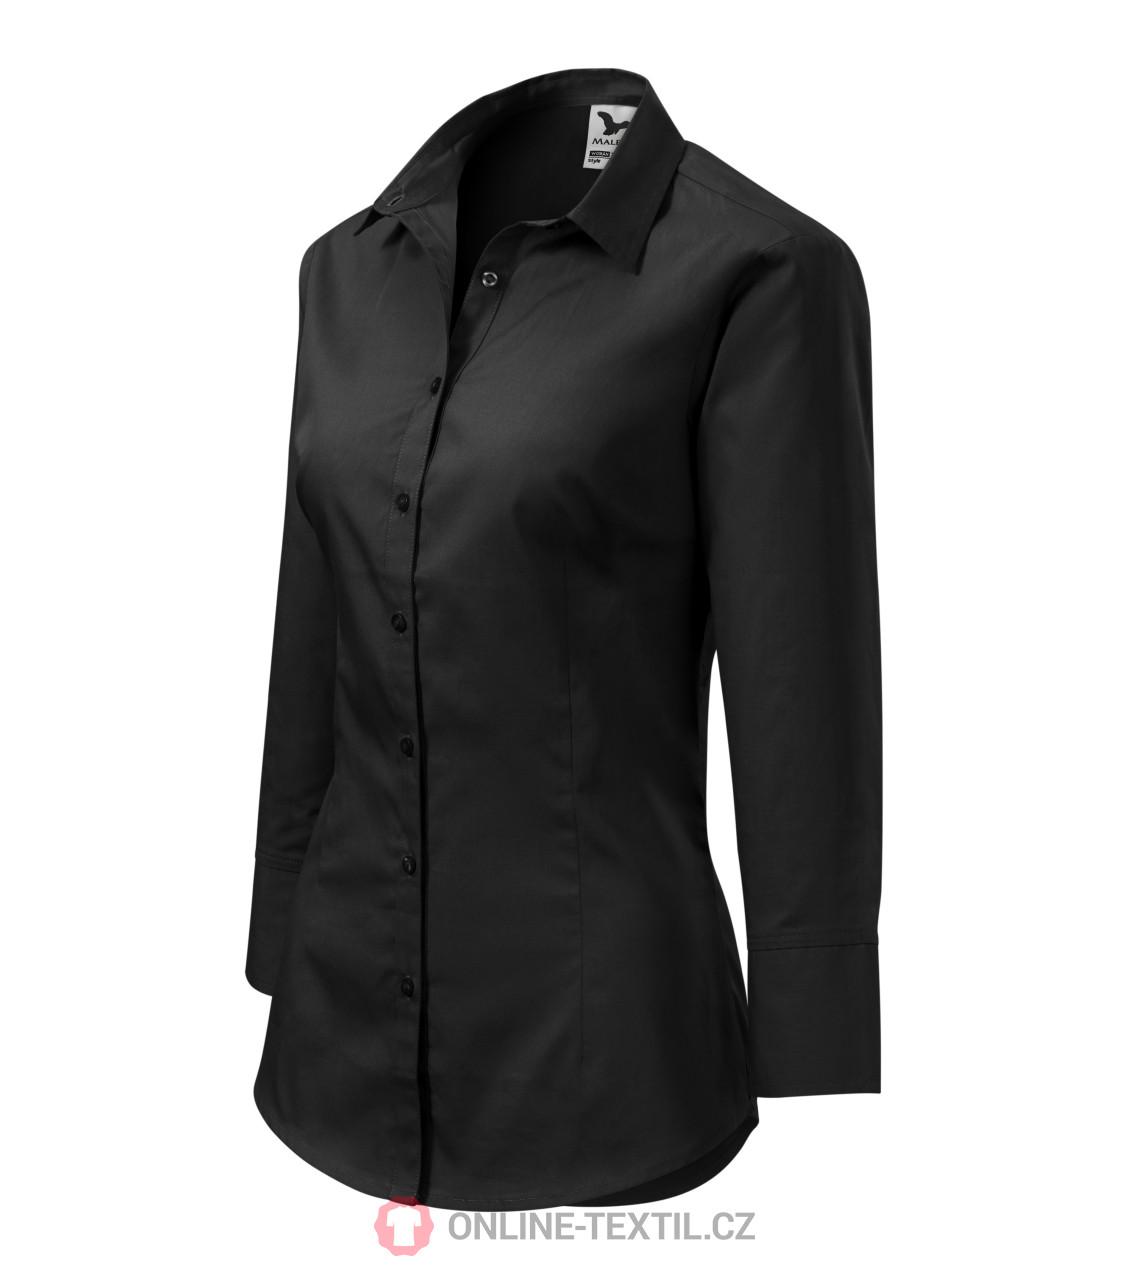 1cf51ca2f4ce ADLER CZECH Blúzka dámska Style s 3 4 rukávom 218 - čierna z ...